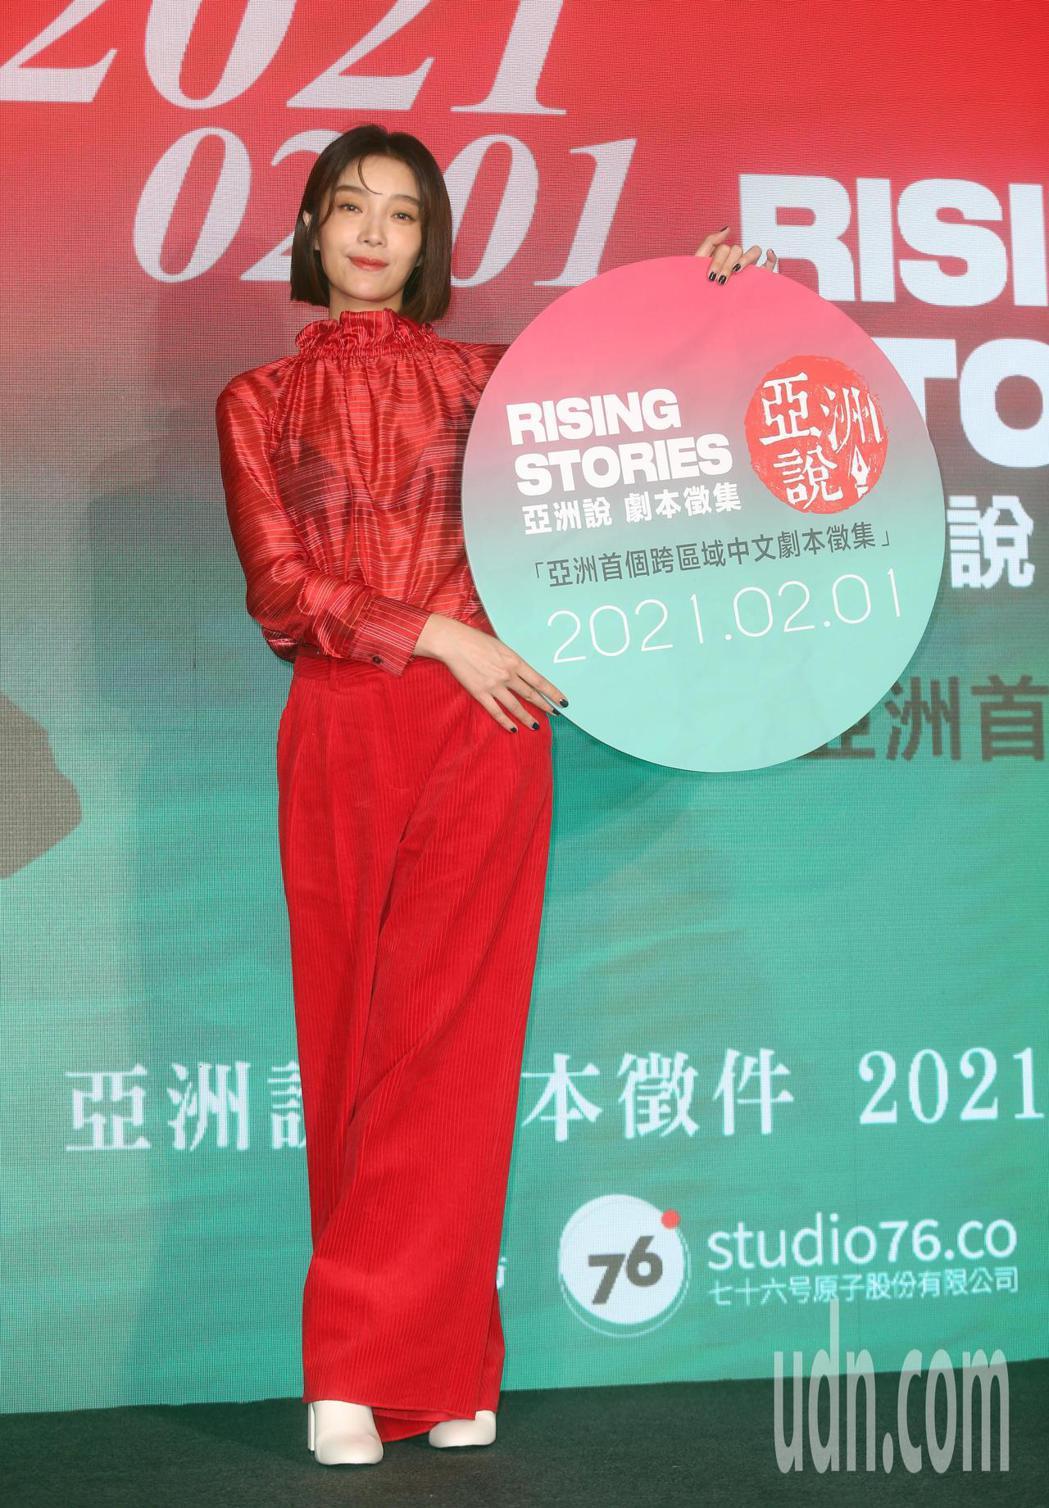 演員蔡淑臻出席 Rising Stories亞洲說劇本徵集記者會。記者曾吉松/攝...